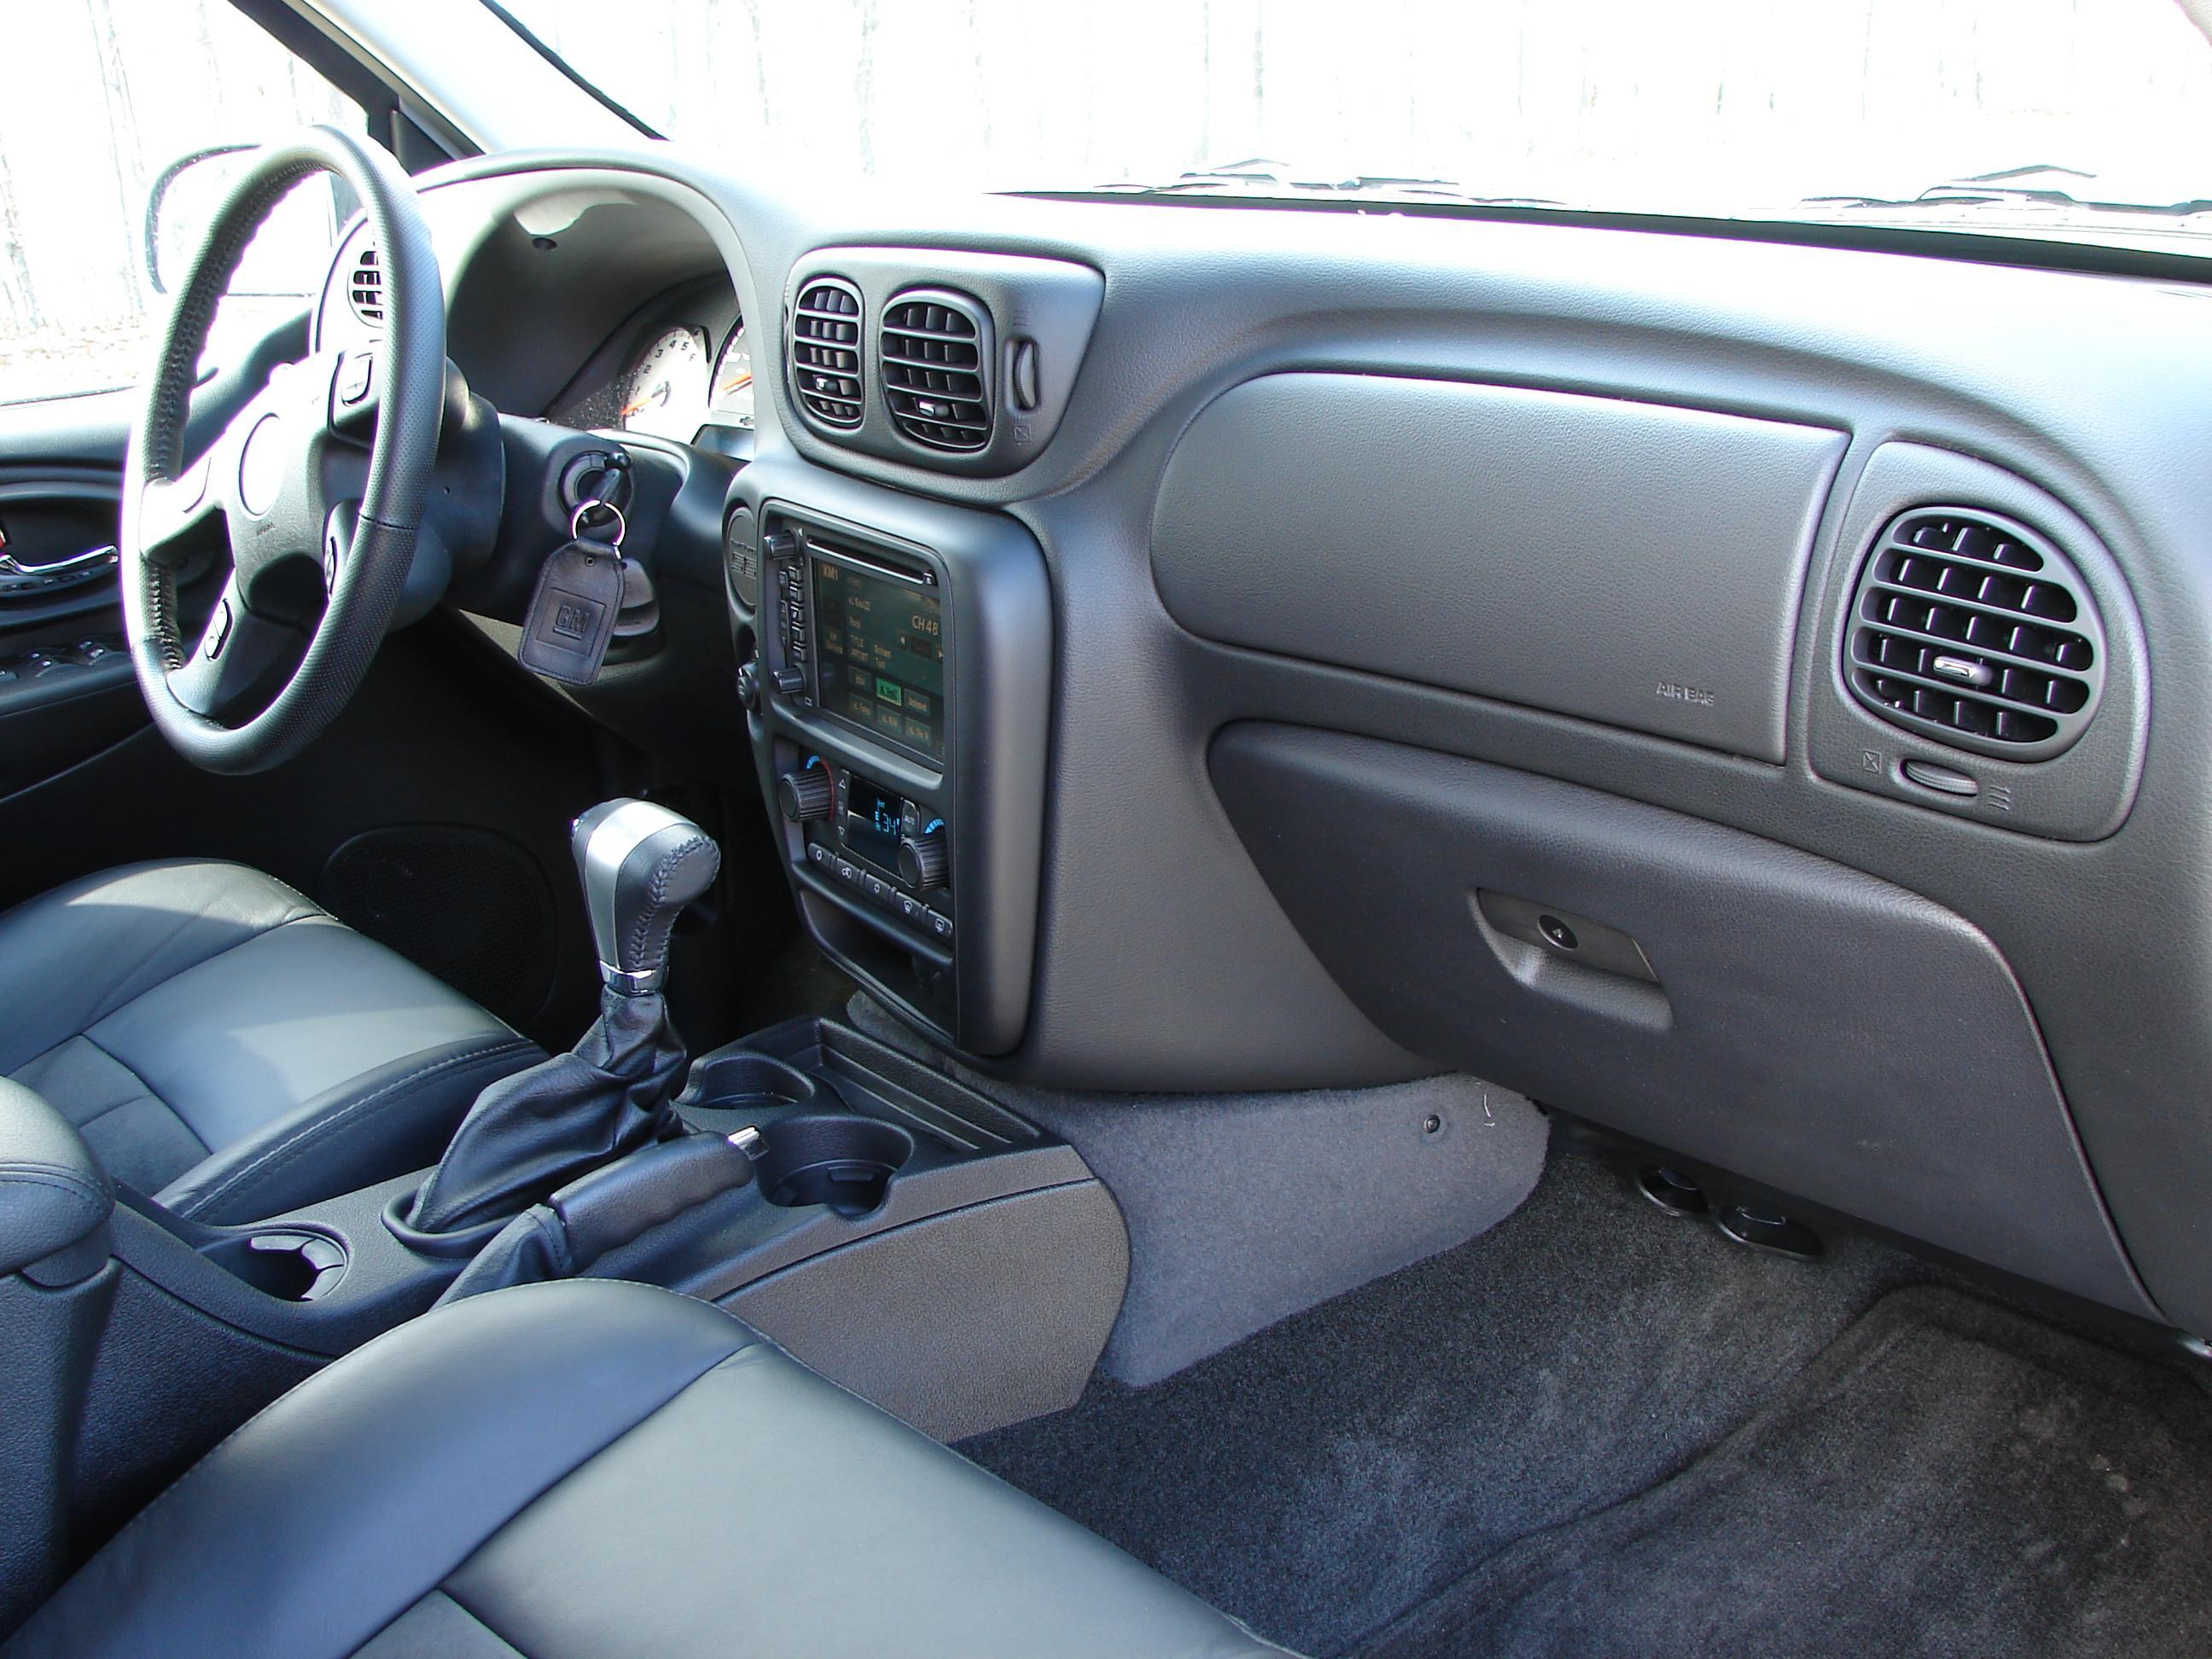 Chevrolet Trailblazer 2001 foto - 1